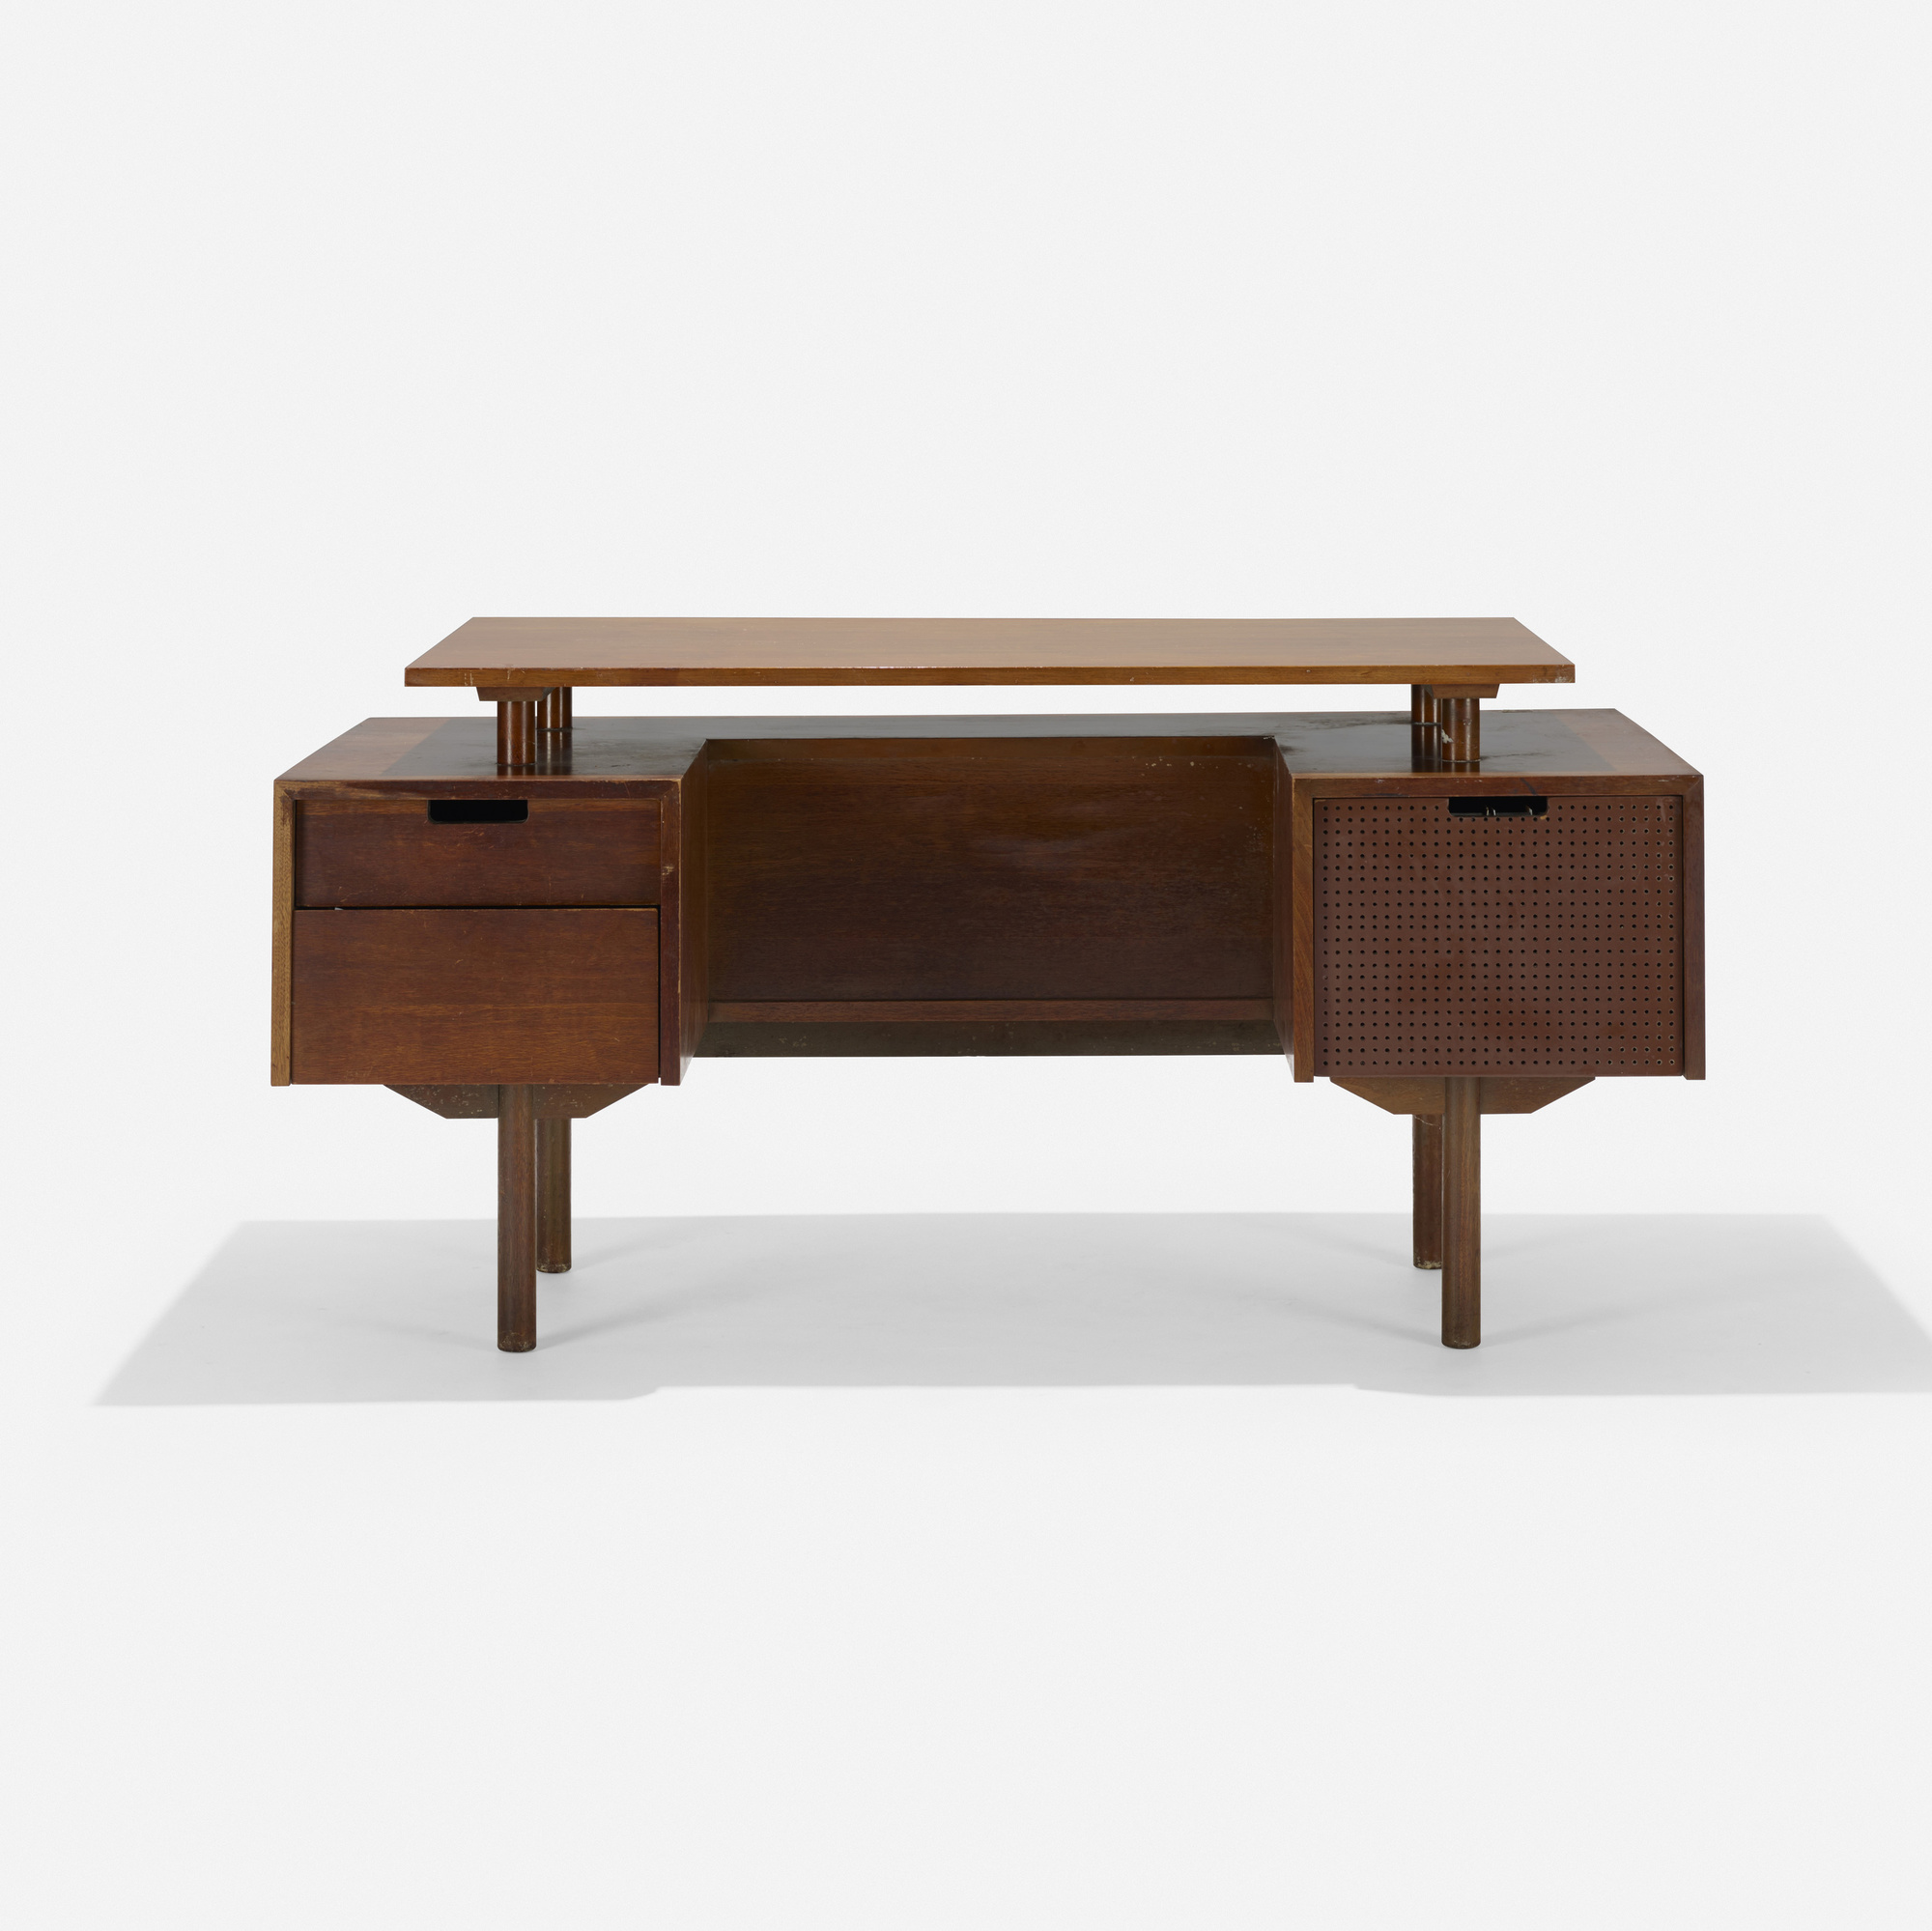 191: Milo Baughman / desk, model 1625 (2 of 4)